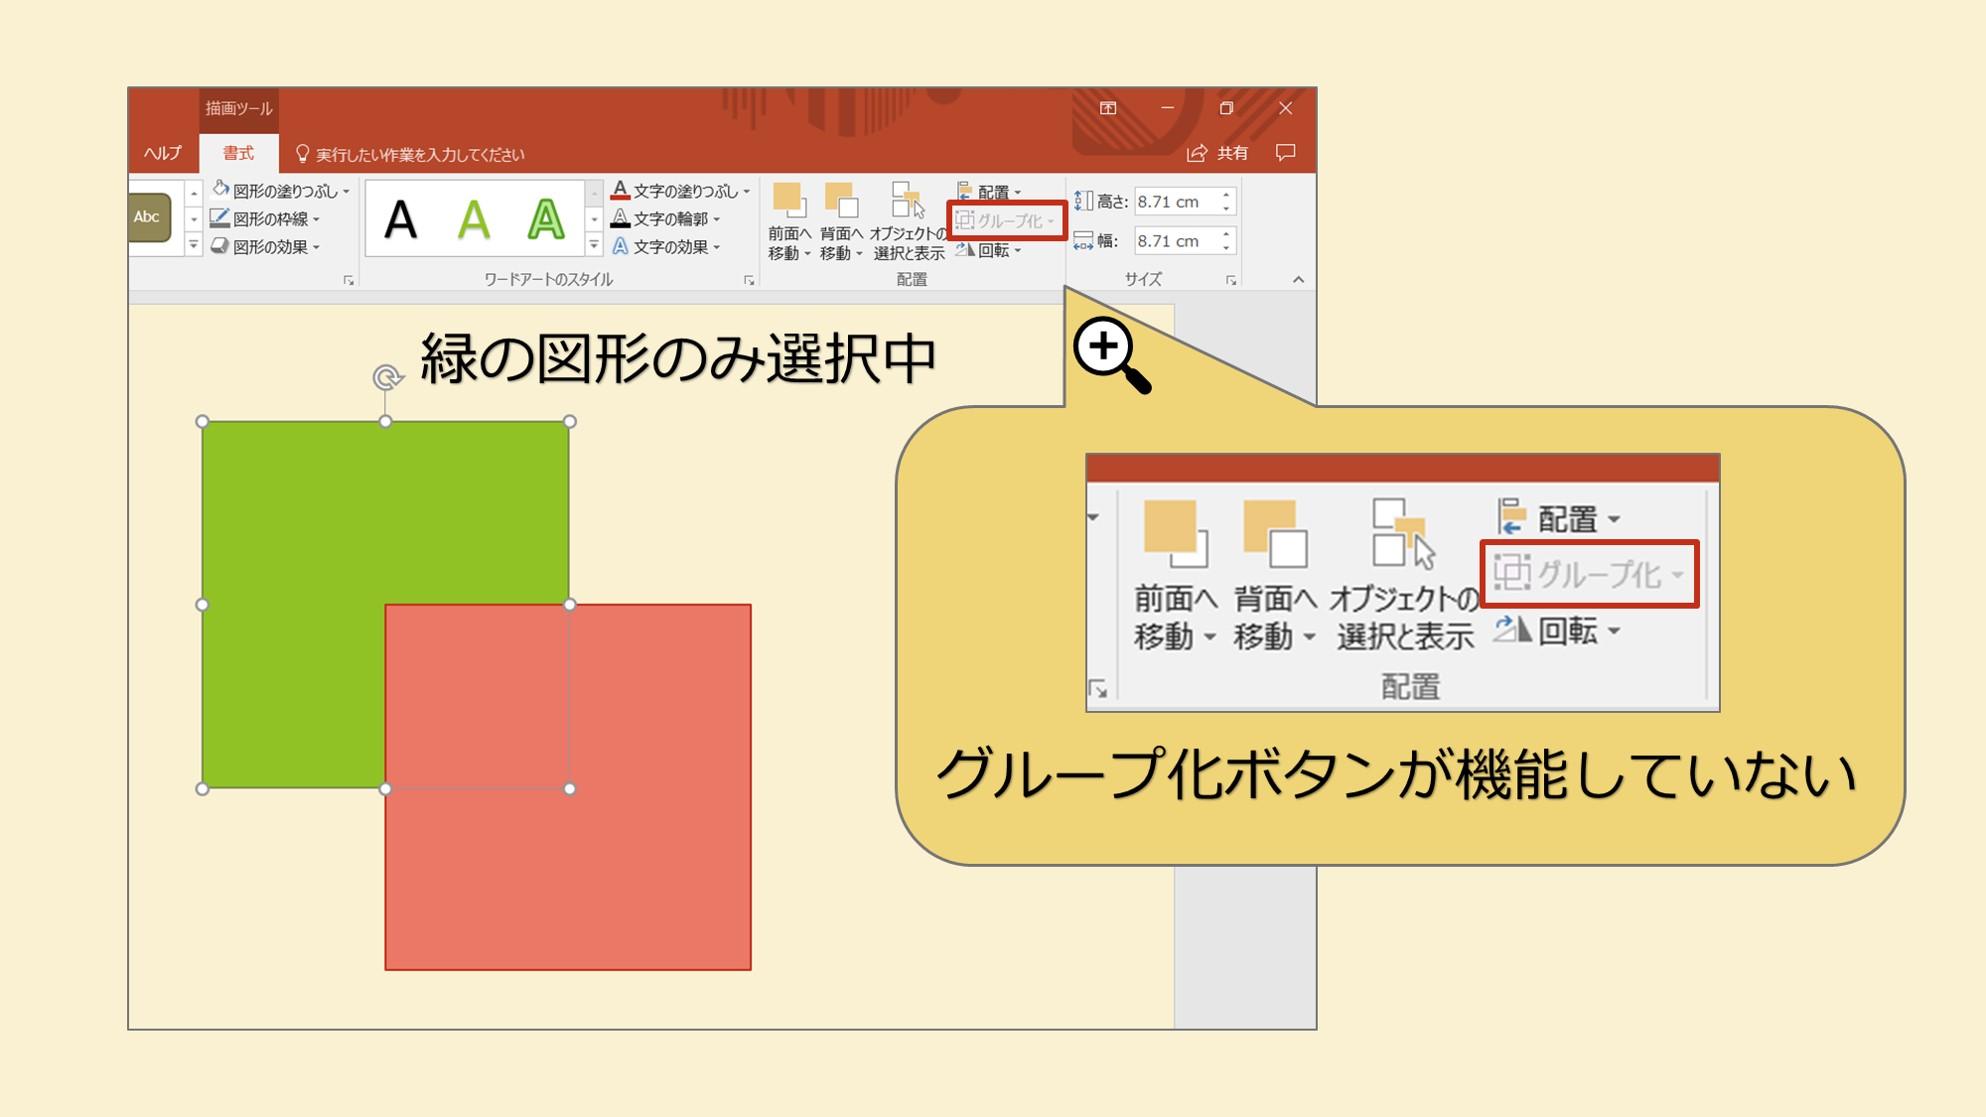 グループ 化 図形 エクセル